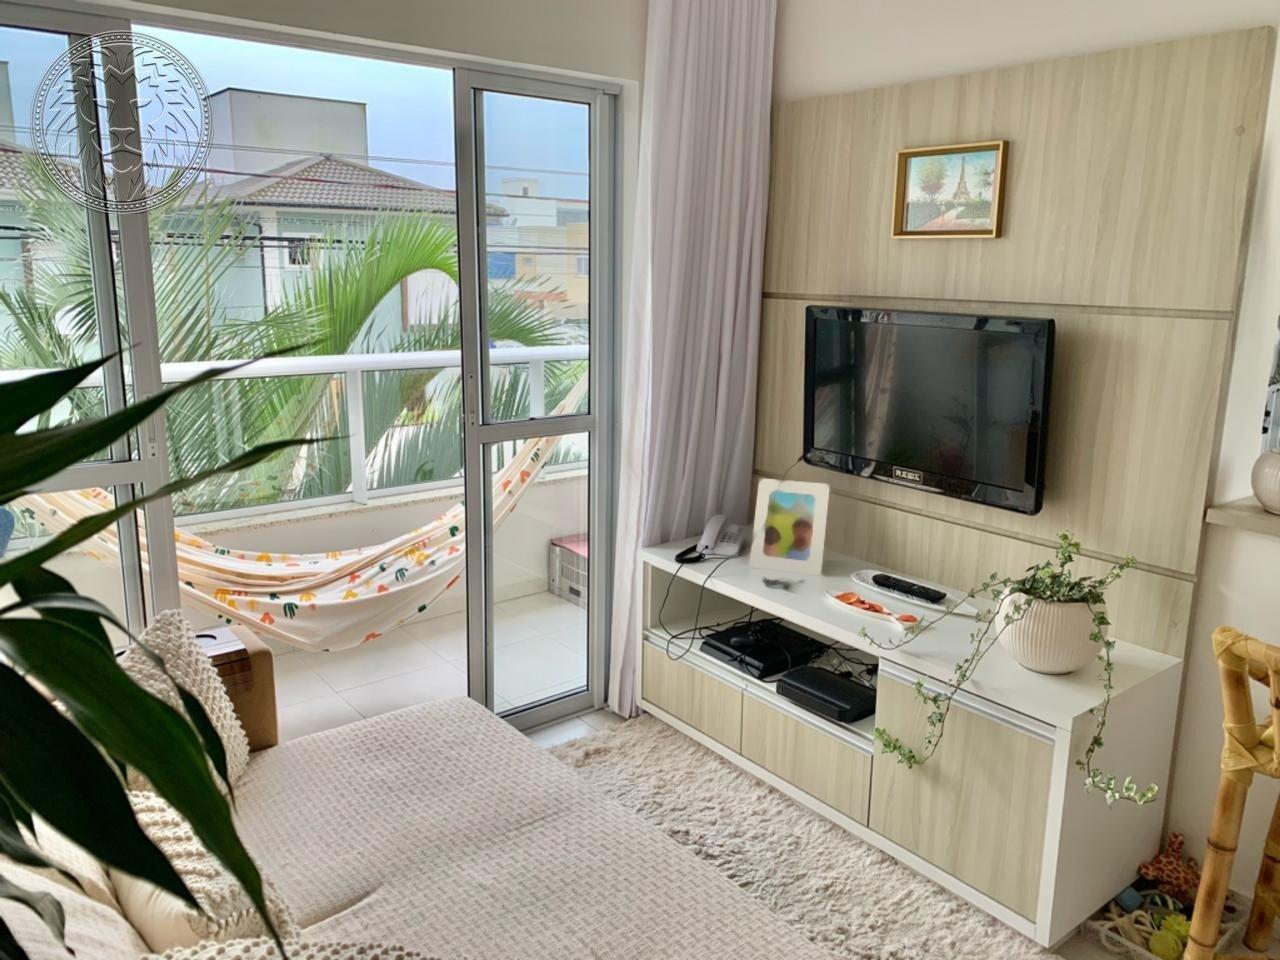 Apartamento com 2 dormitórios à venda em Florianópolis, no bairro Ribeirão da Ilha